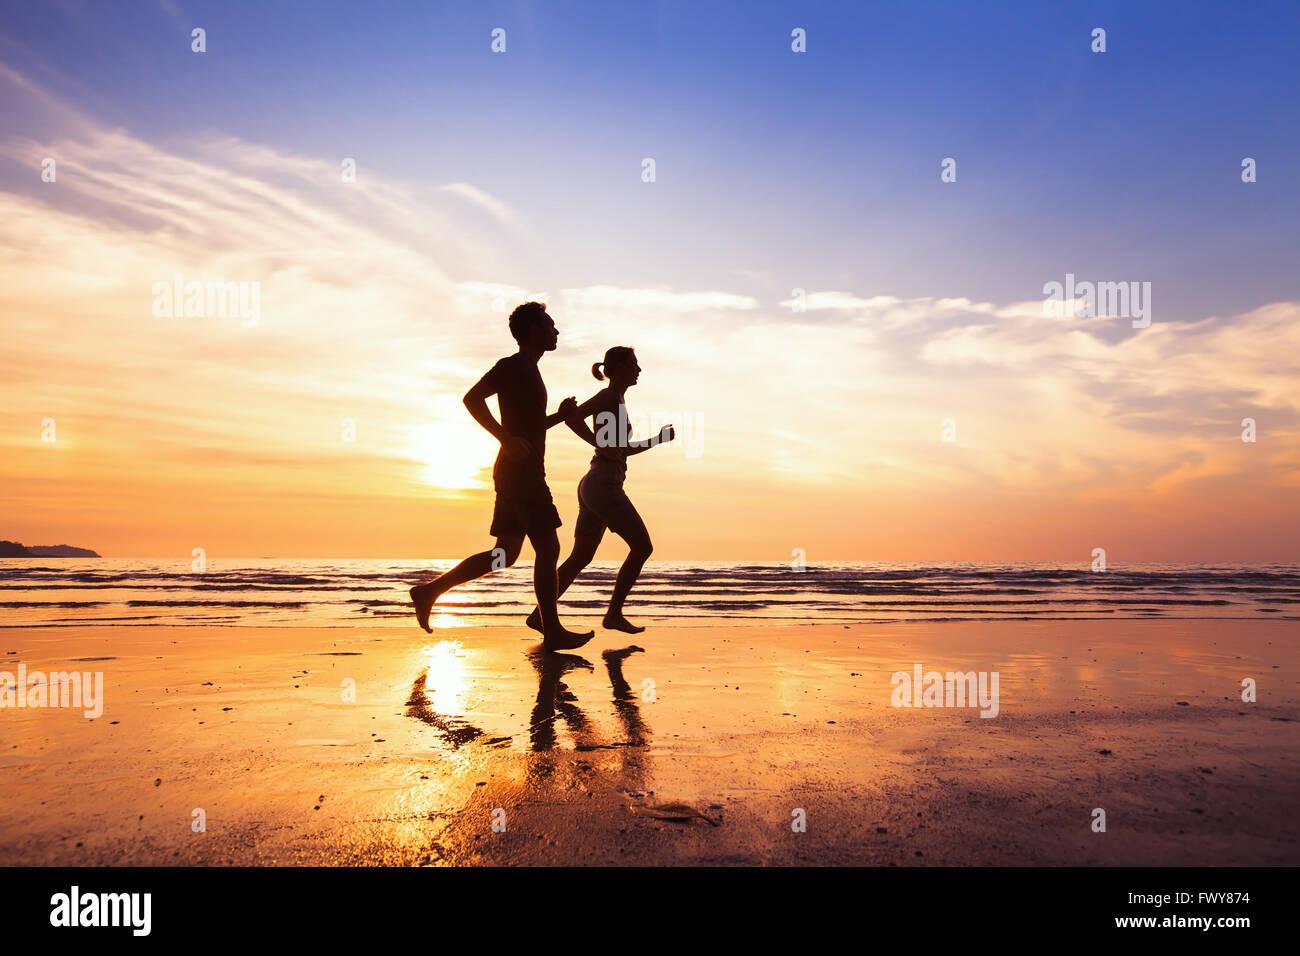 Sport e stile di vita sano, due persone jogging al tramonto sulla spiaggia Immagini Stock